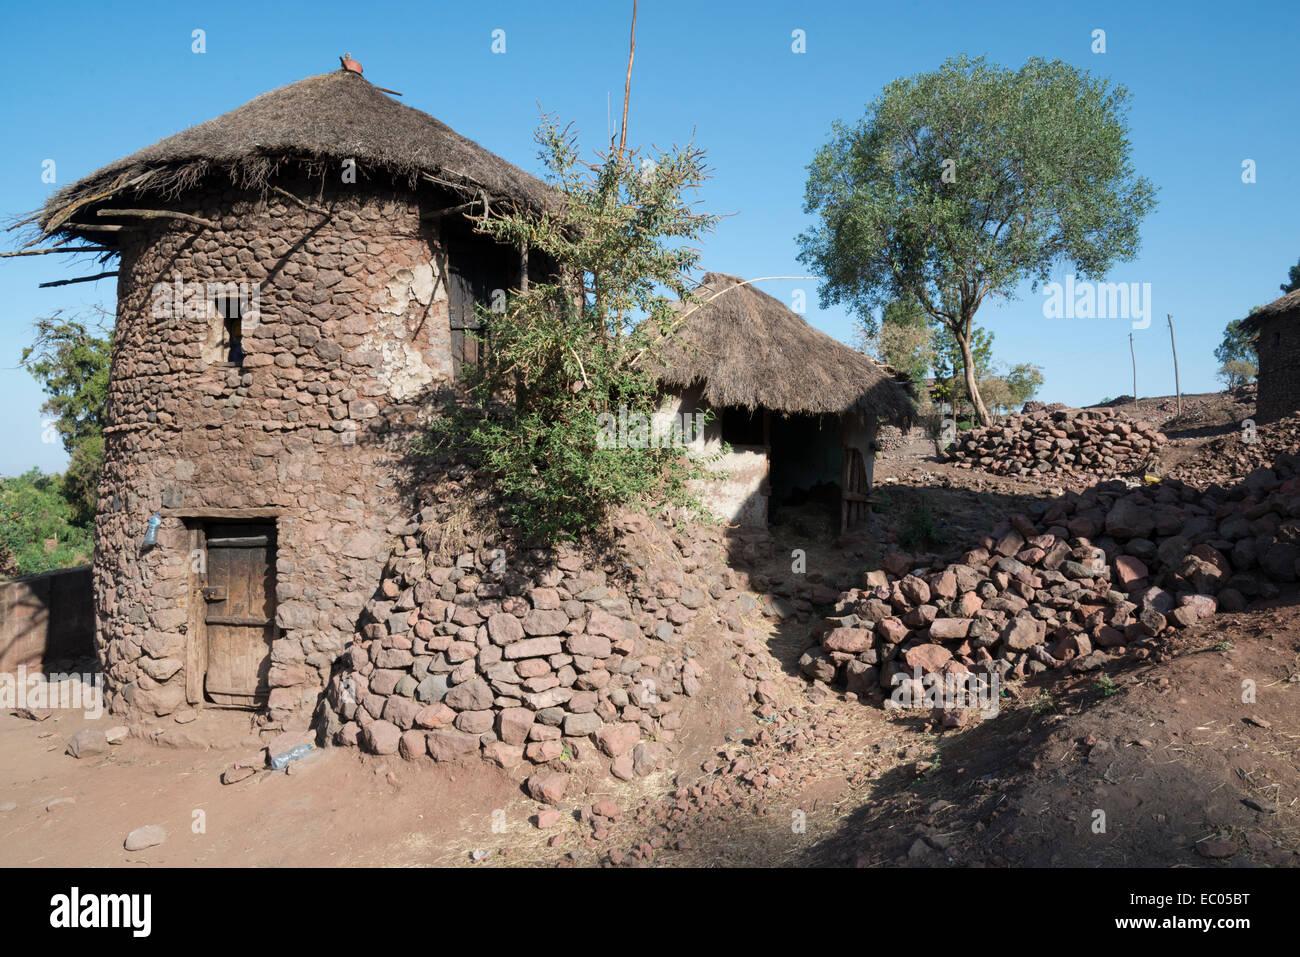 Tukul traditional housing. Lalibela. Northern Ethiopia. - Stock Image